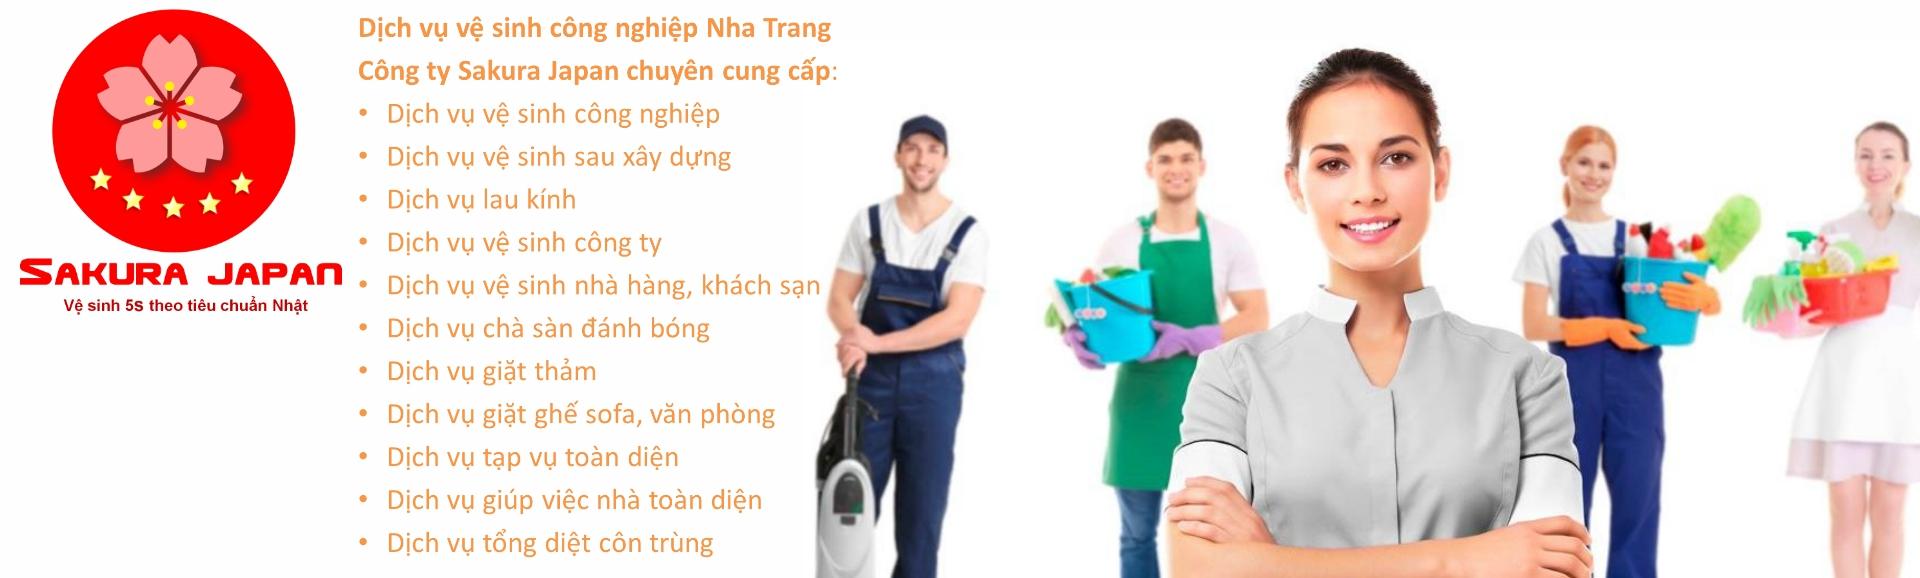 Sứ mệnh dịch vụ vệ sinh Nha Trang Sakura